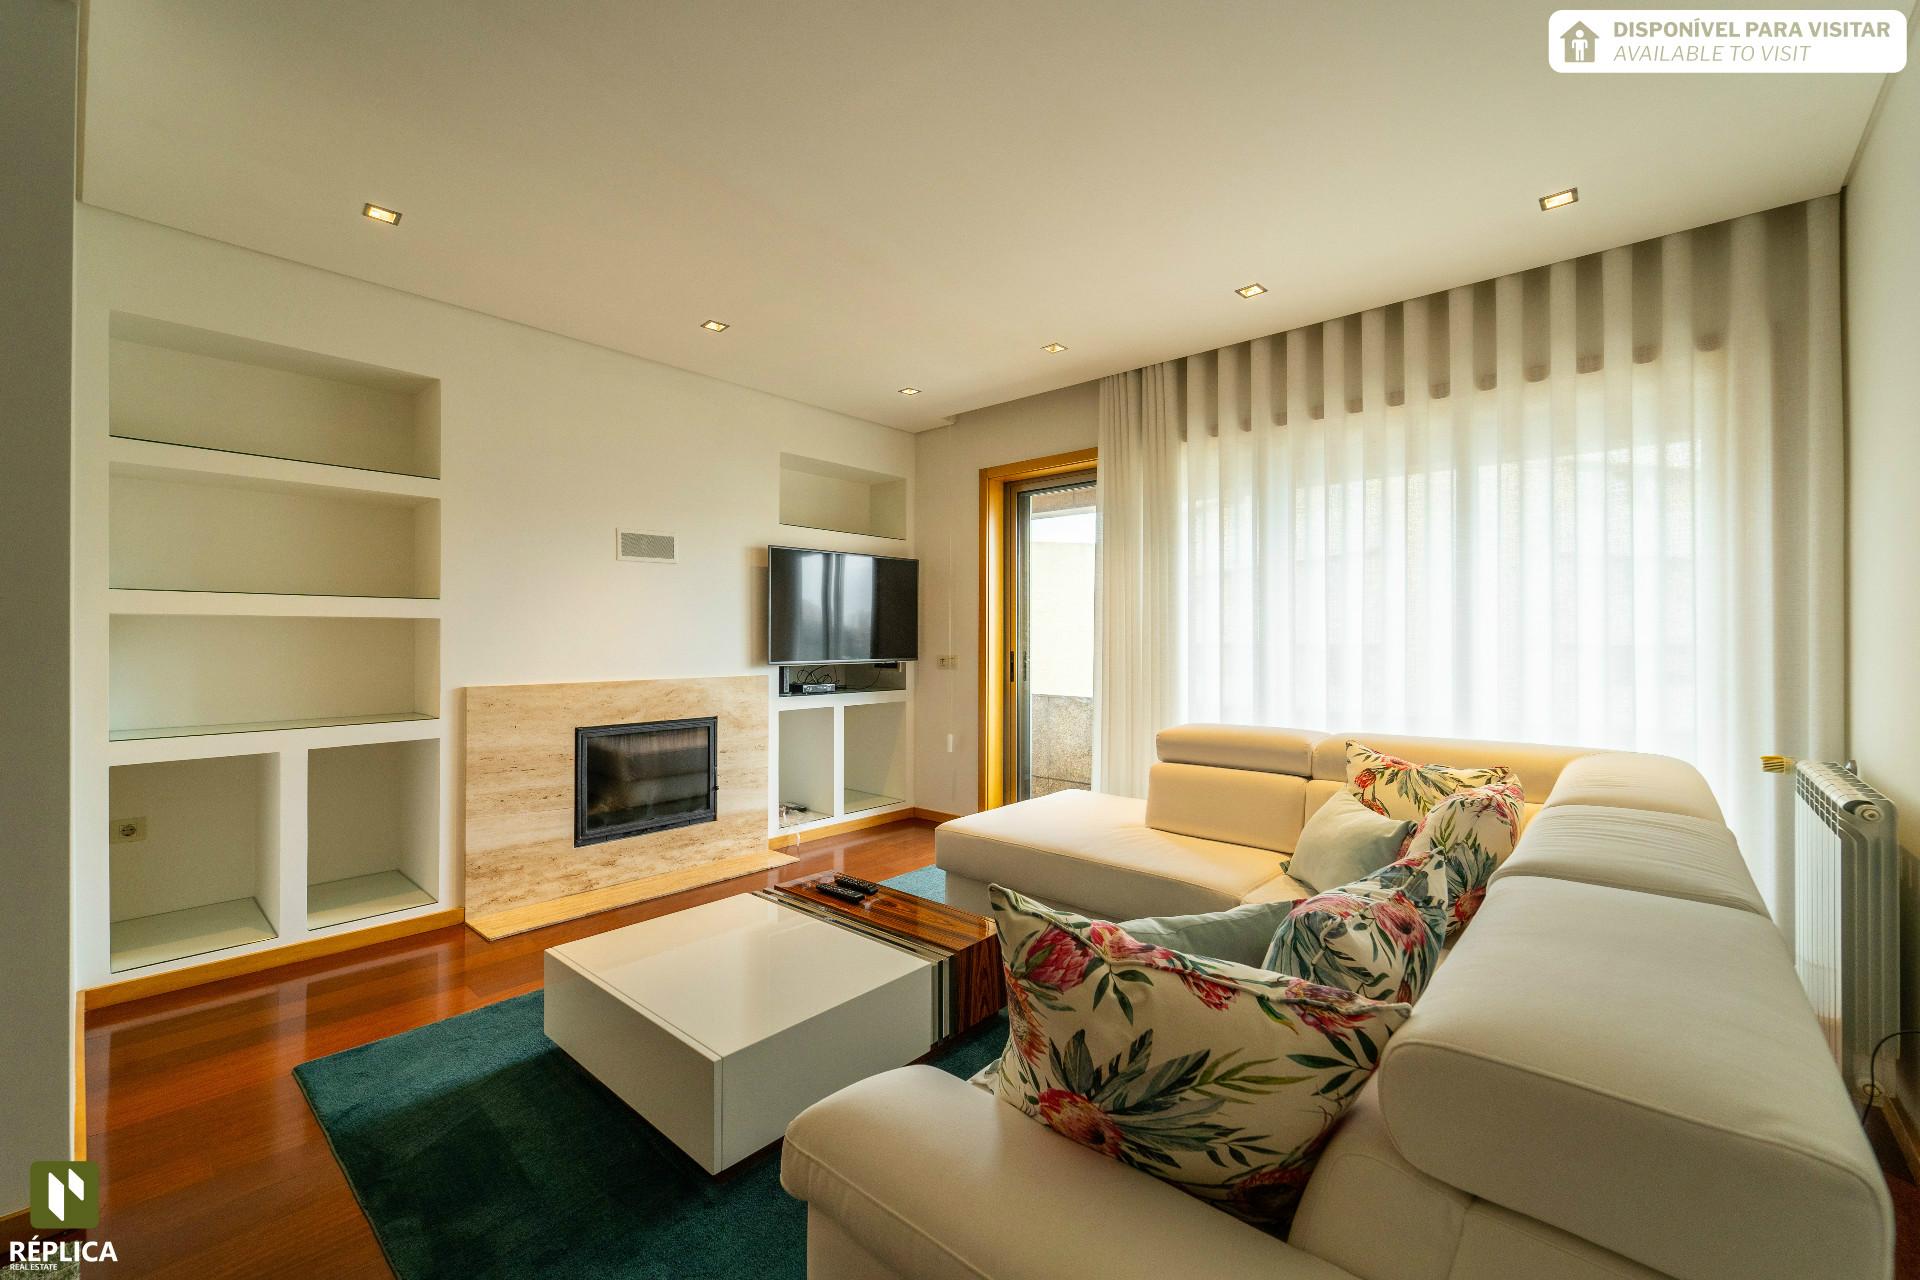 Apartamento T2 em Canidelo